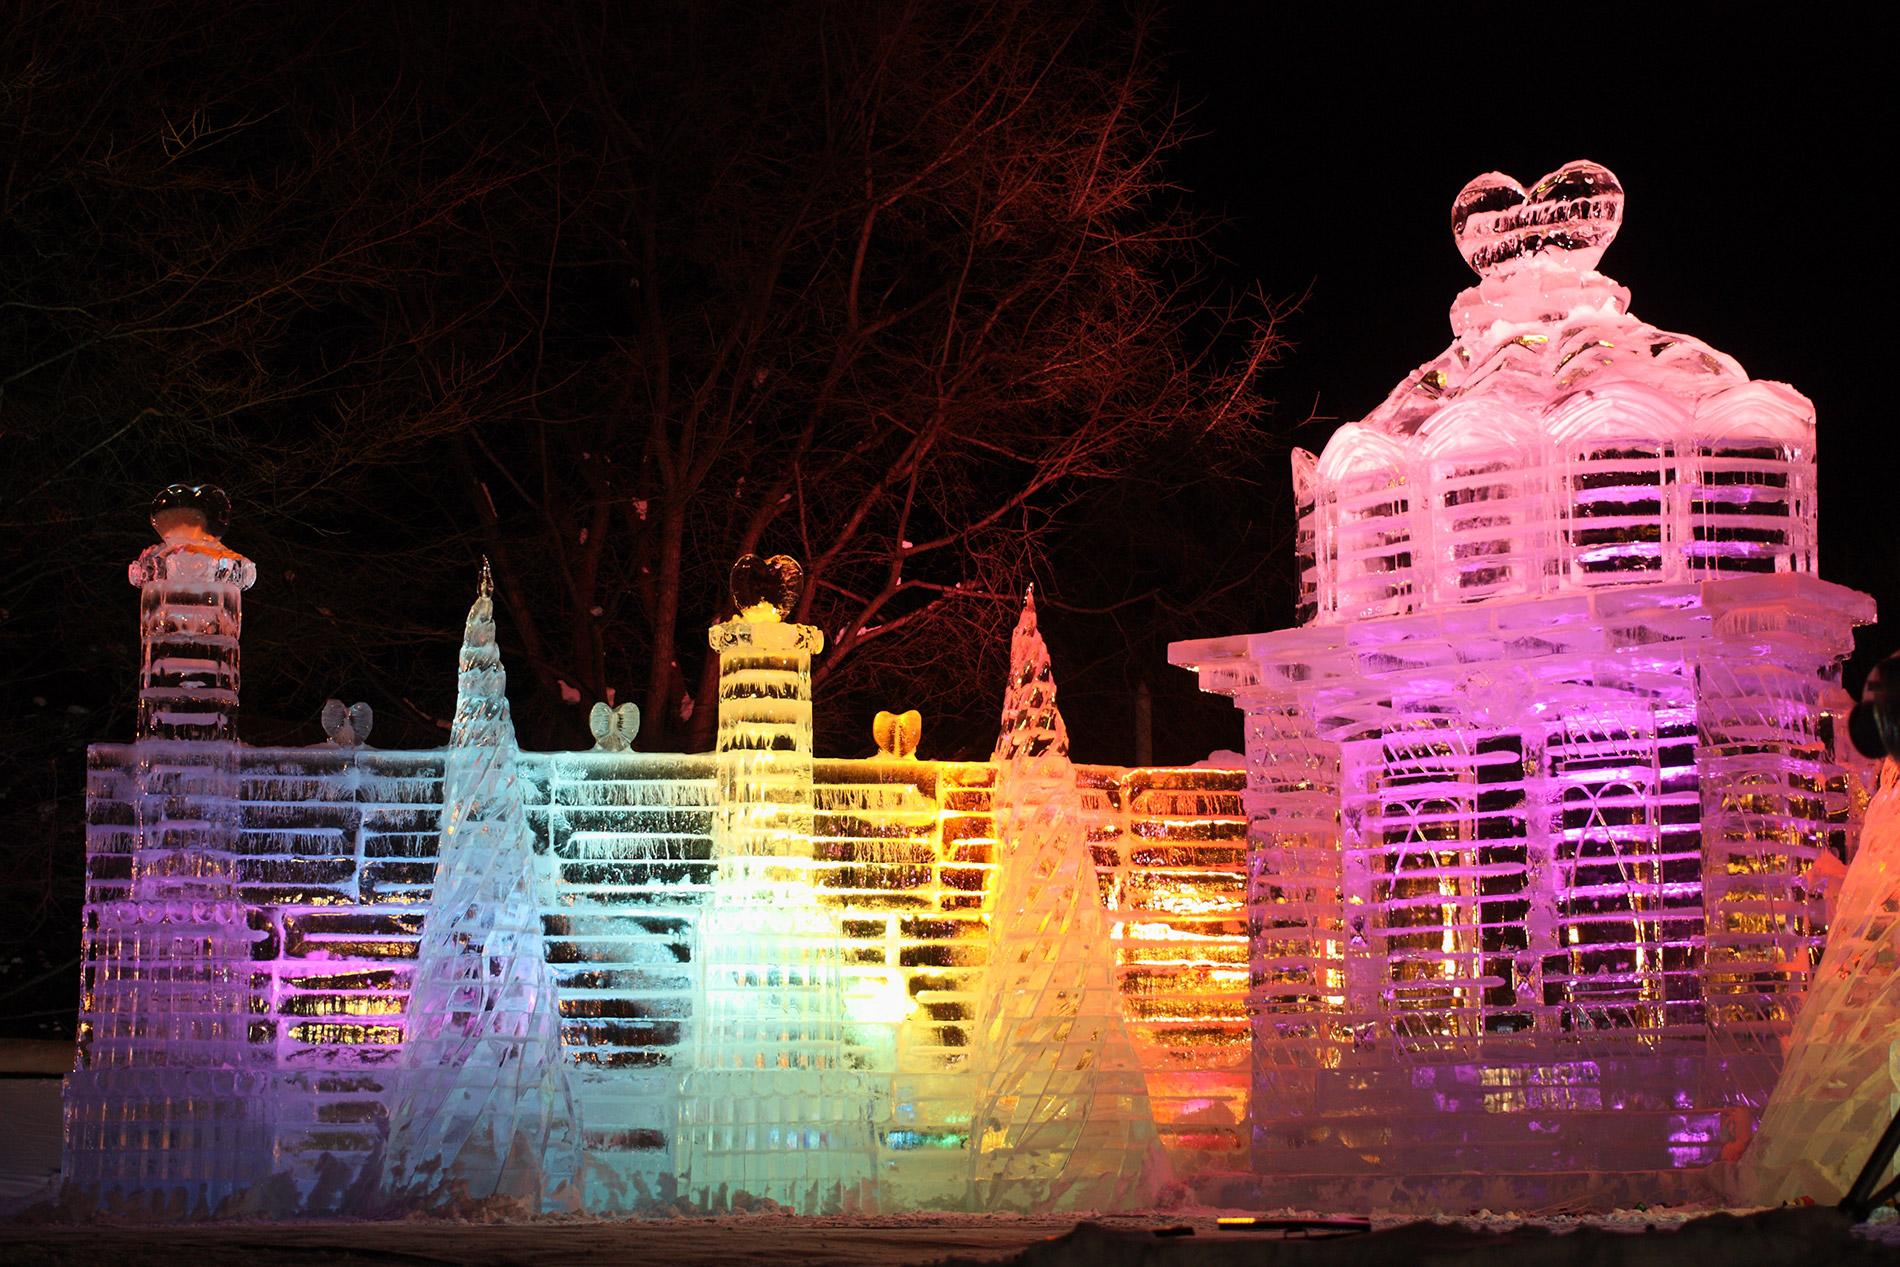 Nachts werden beim Sapporo Snow Festival die Schnee- und Eisskulpturen bunt angeleuchtet.